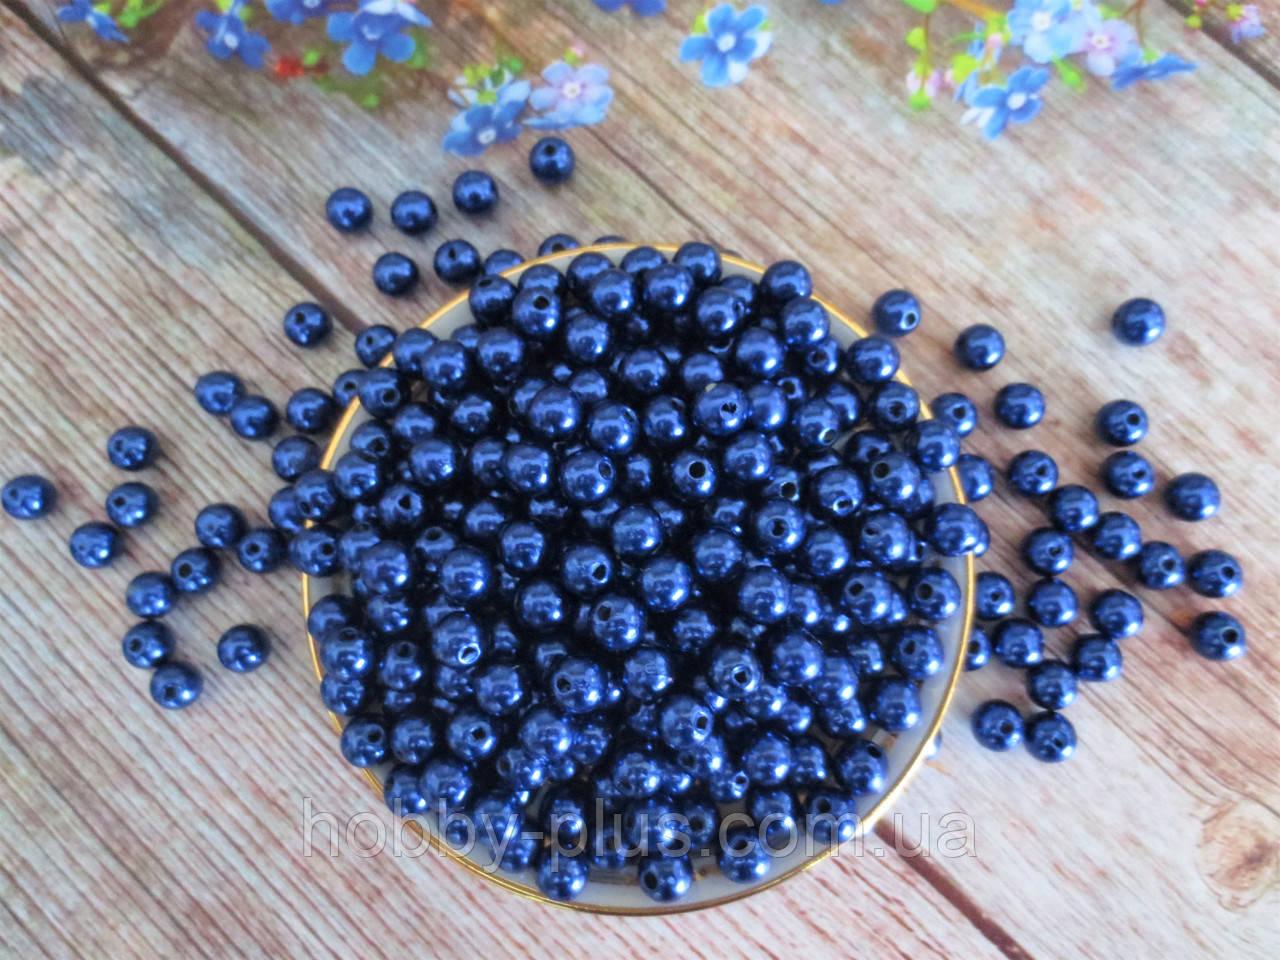 Жемчуг искусственный, 8 мм, цвет синий, 10 грамм, (~40 шт).